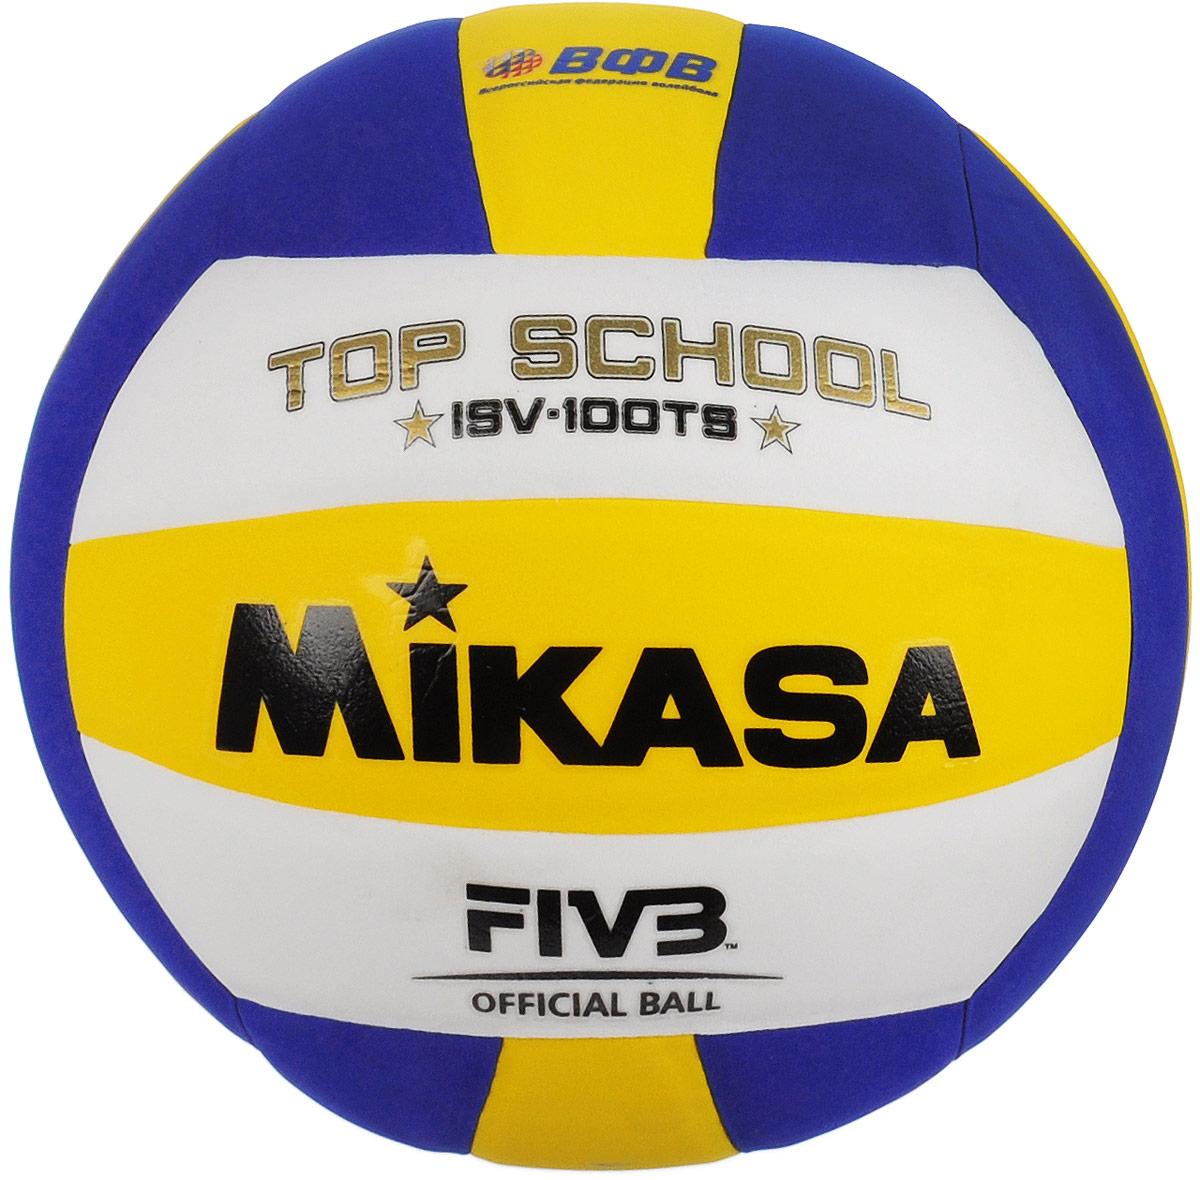 Мяч волейбольный Mikasa ISV 100. Размер 5УТ-00001277Облегченный мяч Mikasa ISV 100 предназначен для начинающих волейболистов и любителей. Изделие выполнено из синтетической кожи. Камера изготовлена из бутила. УВАЖЕМЫЕ КЛИЕНТЫ! Обращаем ваше внимание на тот факт, что мяч поставляется в сдутом виде. Насос в комплект не входит.